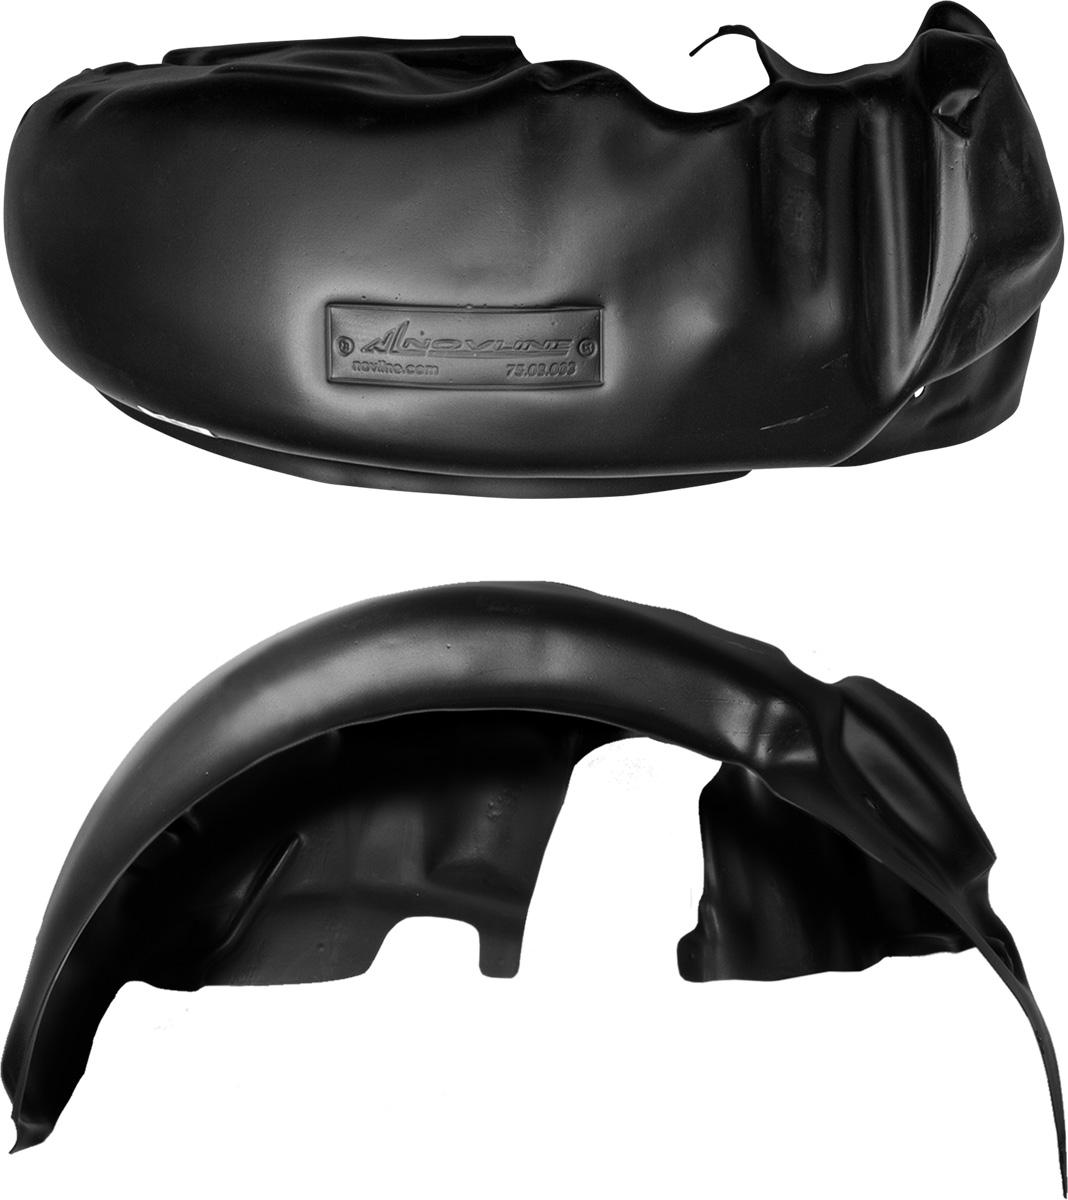 Подкрылок Novline-Autofamily, для Daewoo Matiz, 2005->, передний левый1901Колесные ниши - одни из самых уязвимых зон днища вашего автомобиля. Они постоянно подвергаются воздействию со стороны дороги. Лучшая, почти абсолютная защита для них - специально отформованные пластиковые кожухи, которые называются подкрылками. Производятся они как для отечественных моделей автомобилей, так и для иномарок. Подкрылки Novline-Autofamily выполнены из высококачественного, экологически чистого пластика. Обеспечивают надежную защиту кузова автомобиля от пескоструйного эффекта и негативного влияния, агрессивных антигололедных реагентов. Пластик обладает более низкой теплопроводностью, чем металл, поэтому в зимний период эксплуатации использование пластиковых подкрылков позволяет лучше защитить колесные ниши от налипания снега и образования наледи. Оригинальность конструкции подчеркивает элегантность автомобиля, бережно защищает нанесенное на днище кузова антикоррозийное покрытие и позволяет осуществить крепление подкрылков внутри колесной арки практически без...